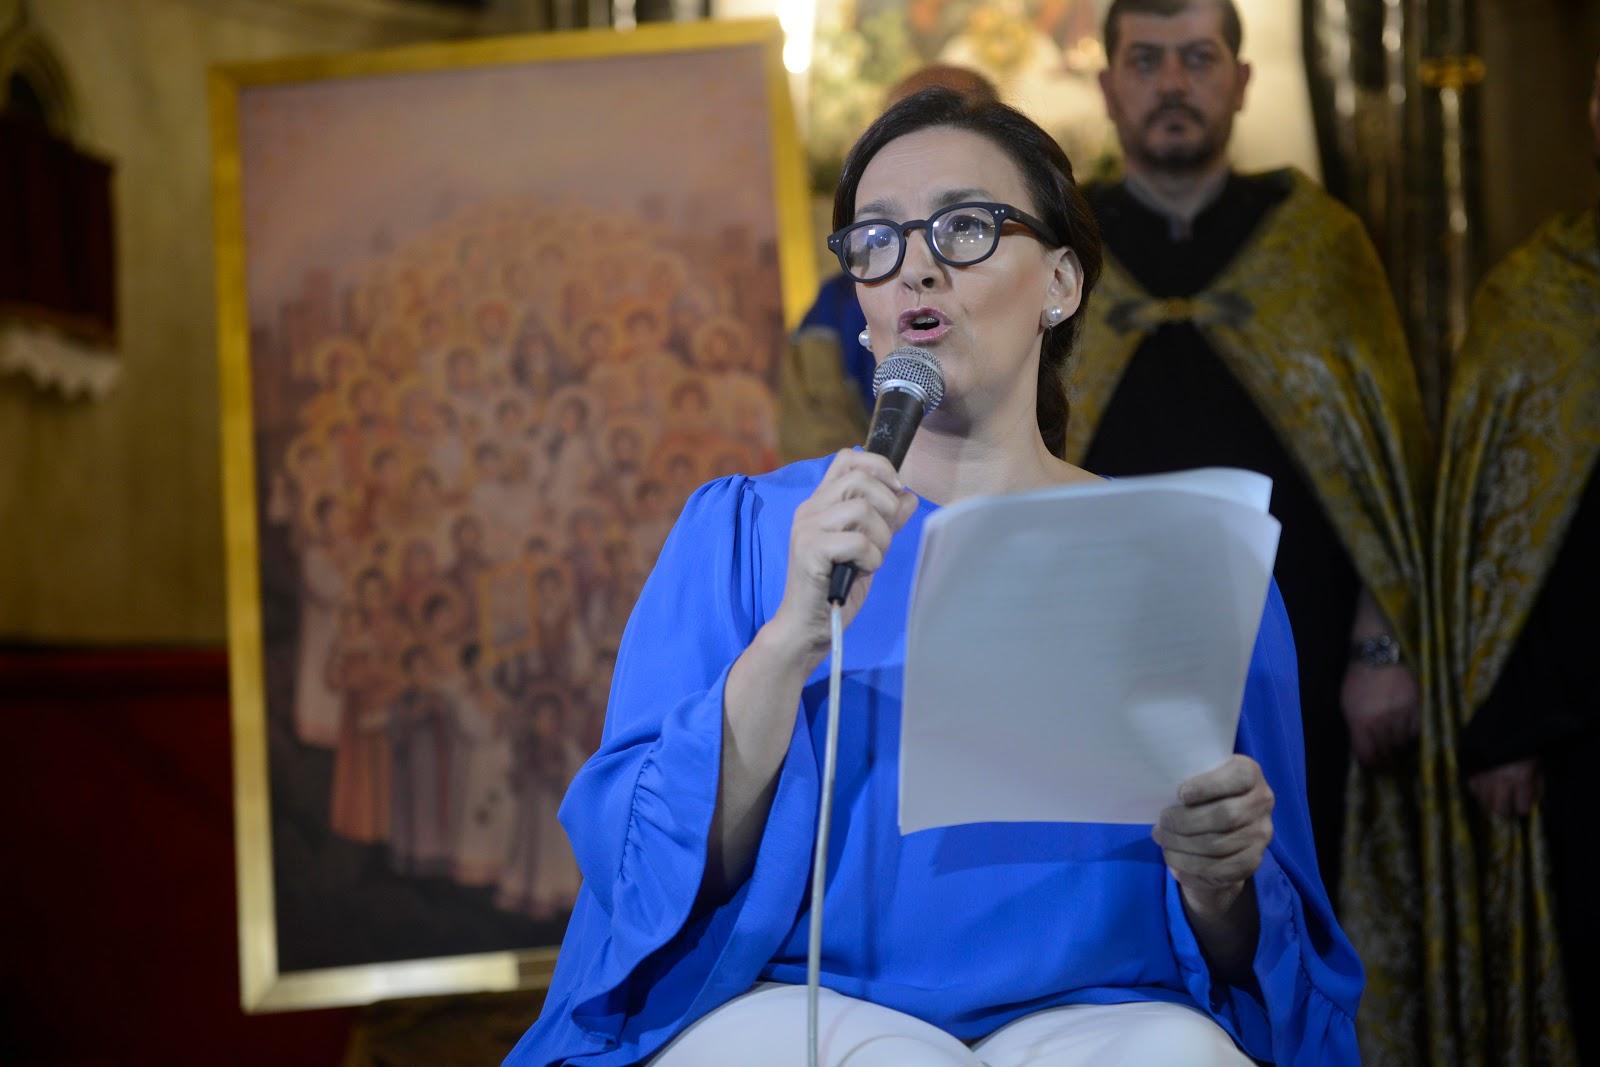 Вице-президент Аргентины: Когда мы чтим память жертв Геноцида армян, мы делаем шаг в направлении предупреждения подобных зверств